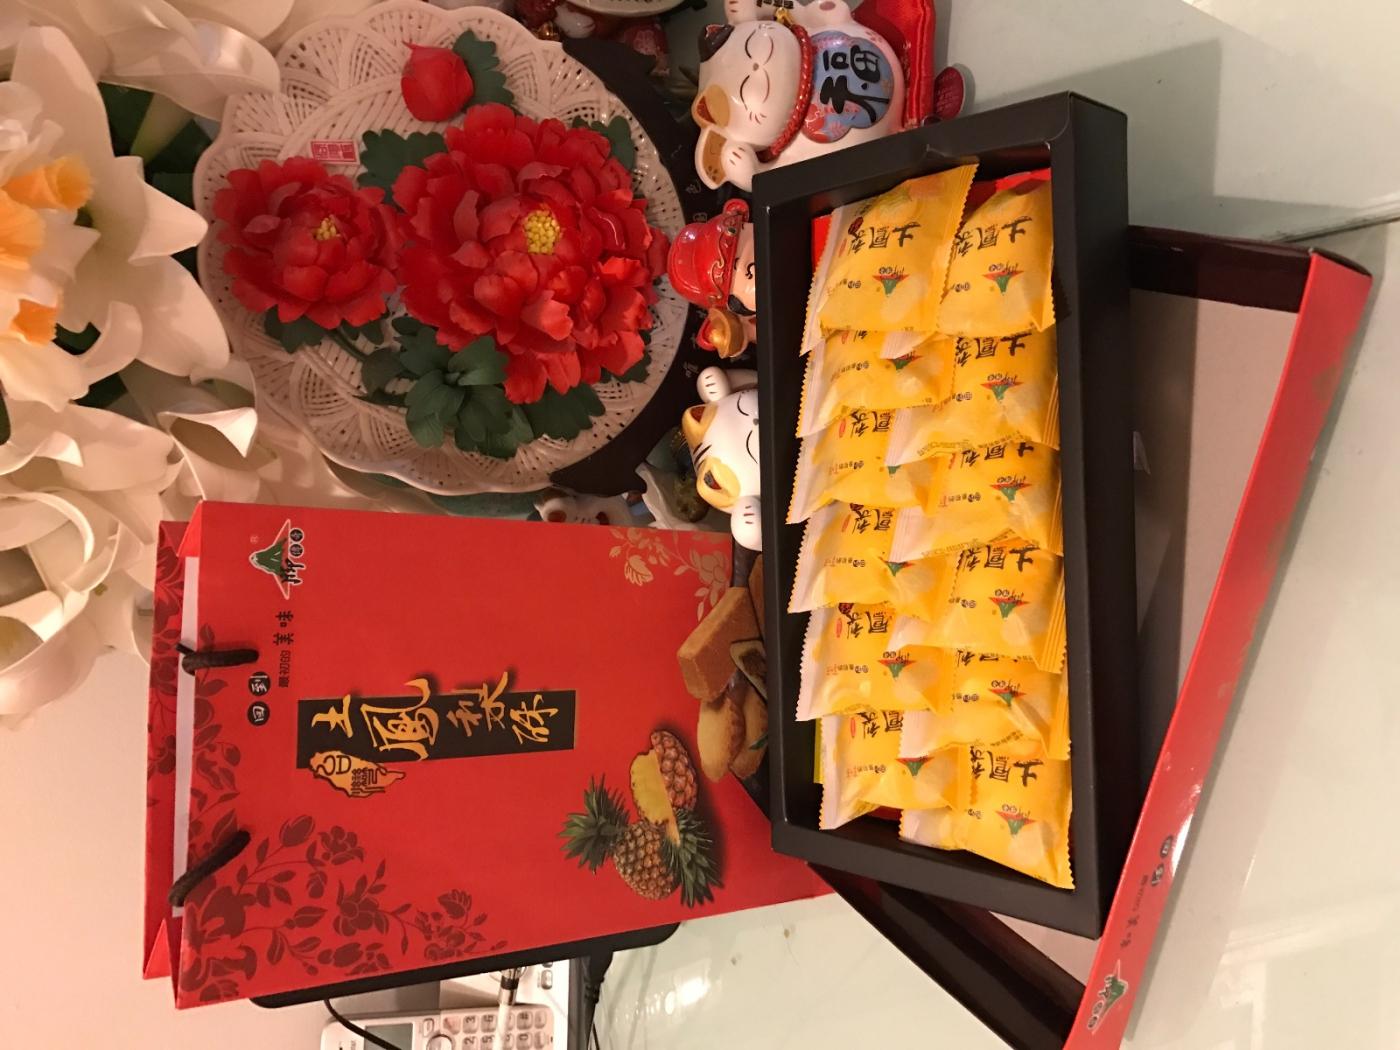 紐約台灣民宿-法拉盛家庭旅館-華人短租近地鉄站電梯大樓_图1-1